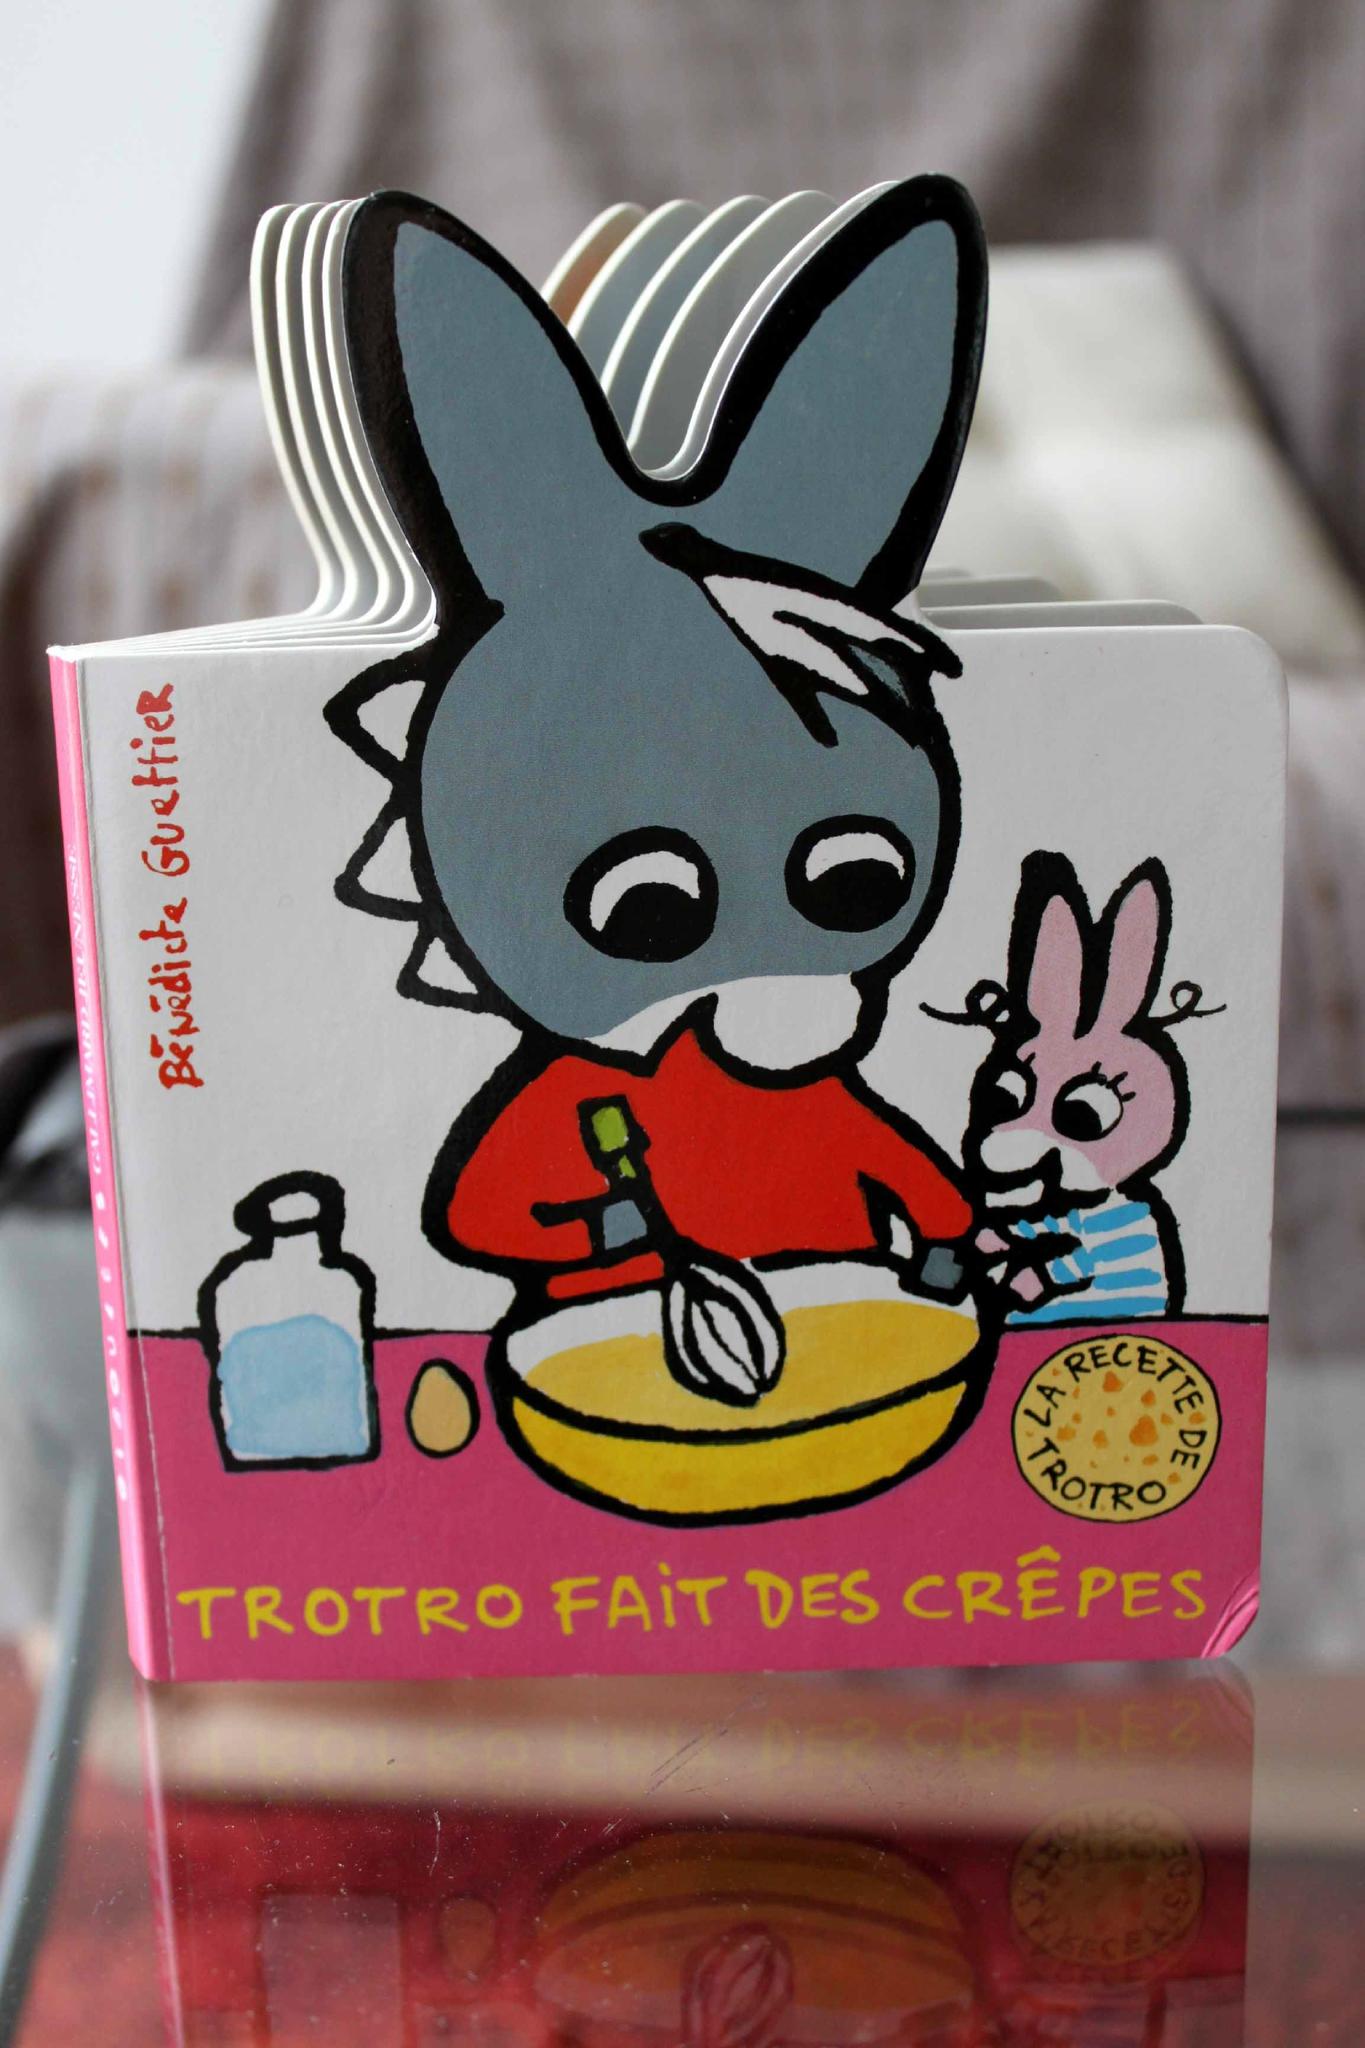 Trotro Fait Des Crêpes (Gallimard Jeunesse) - On Lit, On à Nouveau Trotro